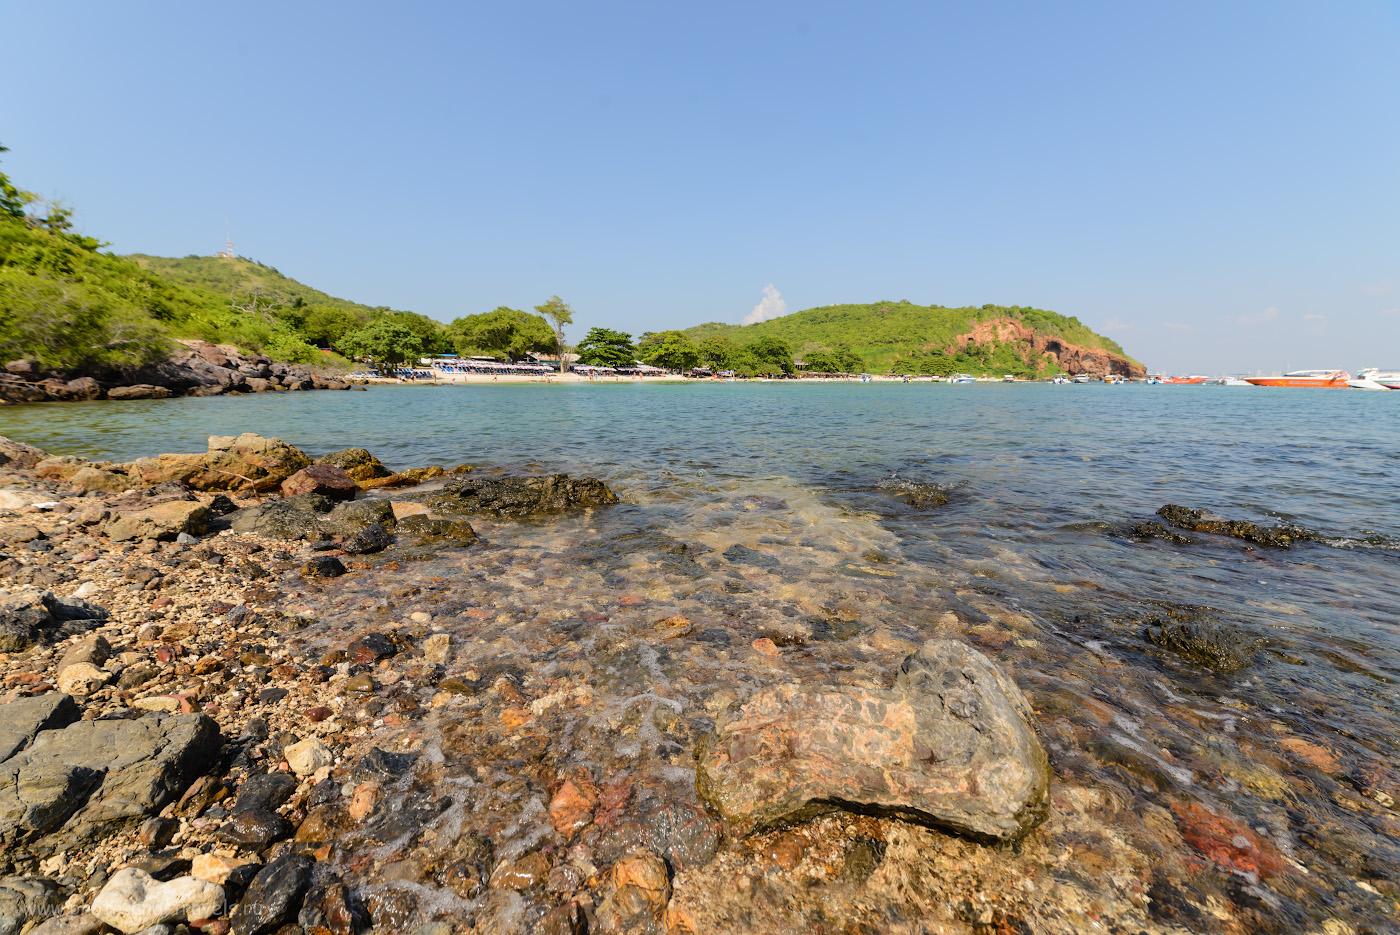 Снимок 13. Вид на пляж Манки Бич (Monkey Beach, другое название - Нуал, Nualbeach) острова Ко Лан. Преимущества отдыха в Паттайе в Таиланде. 1/160, -0.33, 9.0, 100, 14.